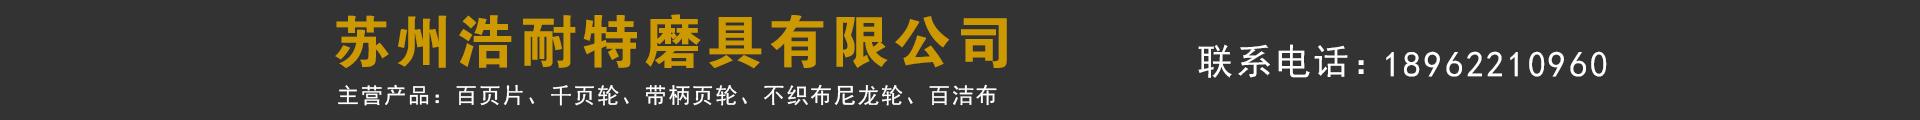 苏州浩耐特磨具有限公司